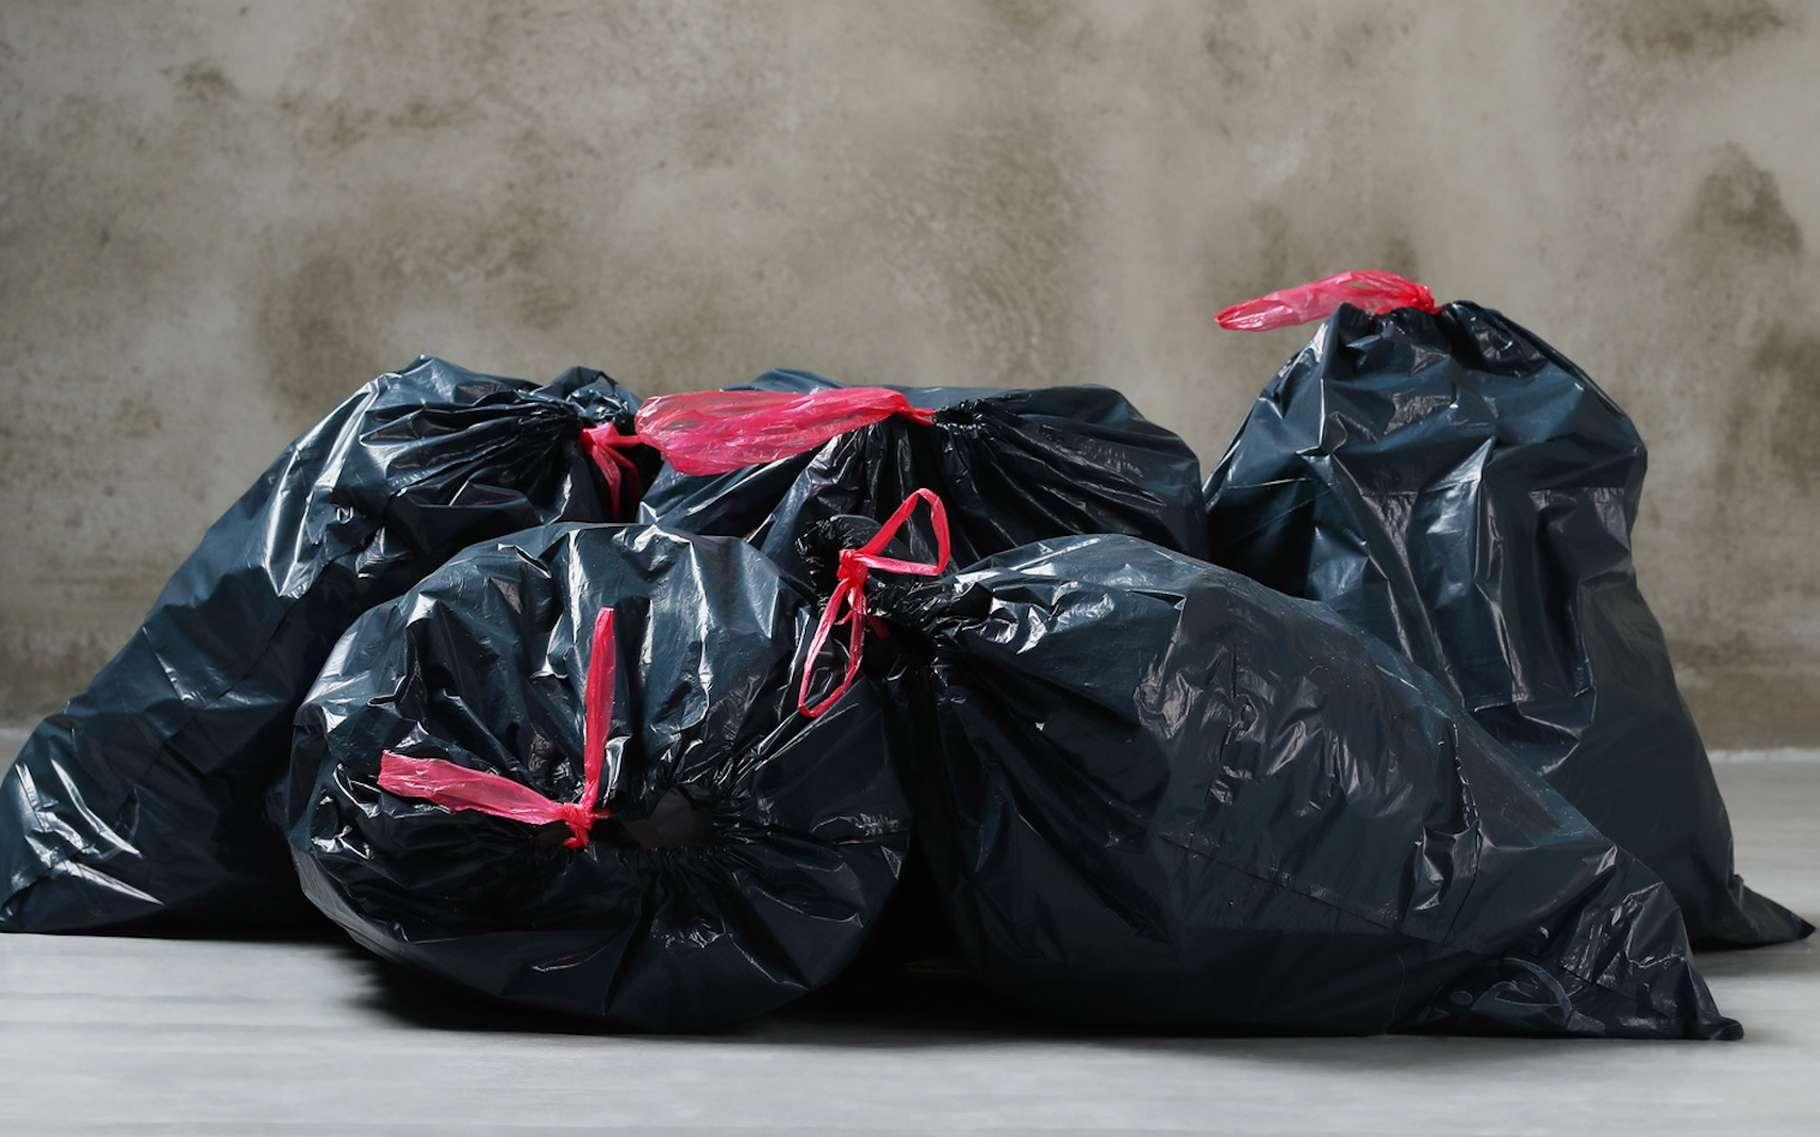 Nous produisons chacun aujourd'hui, deux fois plus de déchets qu'il y a 40 ans. © Yeko Photo Studio, Fotolia